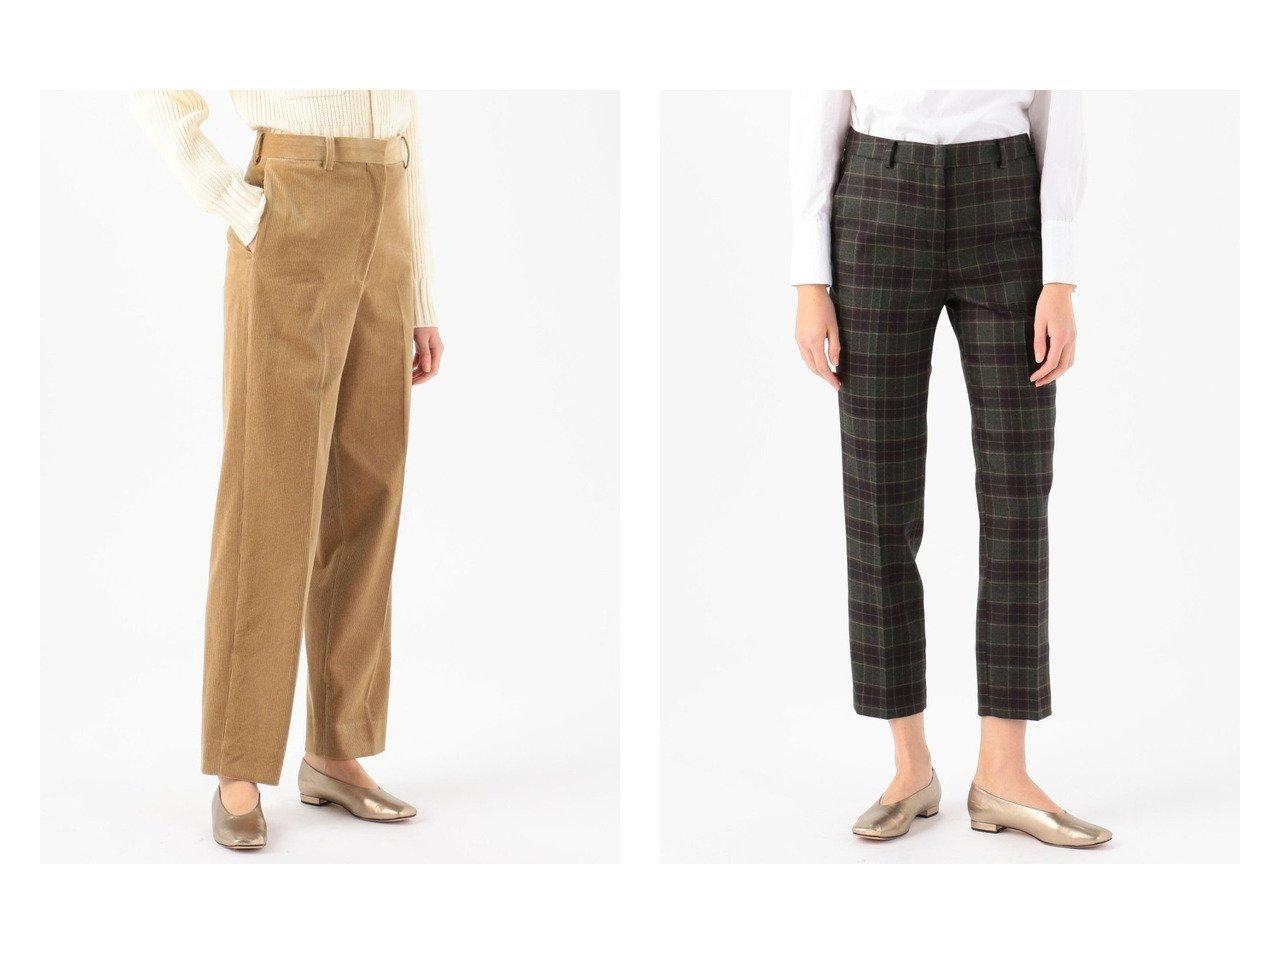 【BACCA/バッカ】のコットンコーデュロイ ハイウエストストレートパンツ br&【TOMORROWLAND collection/トゥモローランド コレクション】のウールトスカーナチェック ペンシルパンツ パンツのおすすめ!人気、トレンド・レディースファッションの通販 おすすめで人気の流行・トレンド、ファッションの通販商品 メンズファッション・キッズファッション・インテリア・家具・レディースファッション・服の通販 founy(ファニー) https://founy.com/ ファッション Fashion レディースファッション WOMEN パンツ Pants NEW・新作・新着・新入荷 New Arrivals 2020年 2020 2020-2021 秋冬 A/W AW Autumn/Winter / FW Fall-Winter 2020-2021 A/W 秋冬 AW Autumn/Winter / FW Fall-Winter クロップド シューズ ジーンズ チェック バランス フラット ペンシル コーデュロイ ストレート  ID:crp329100000010700